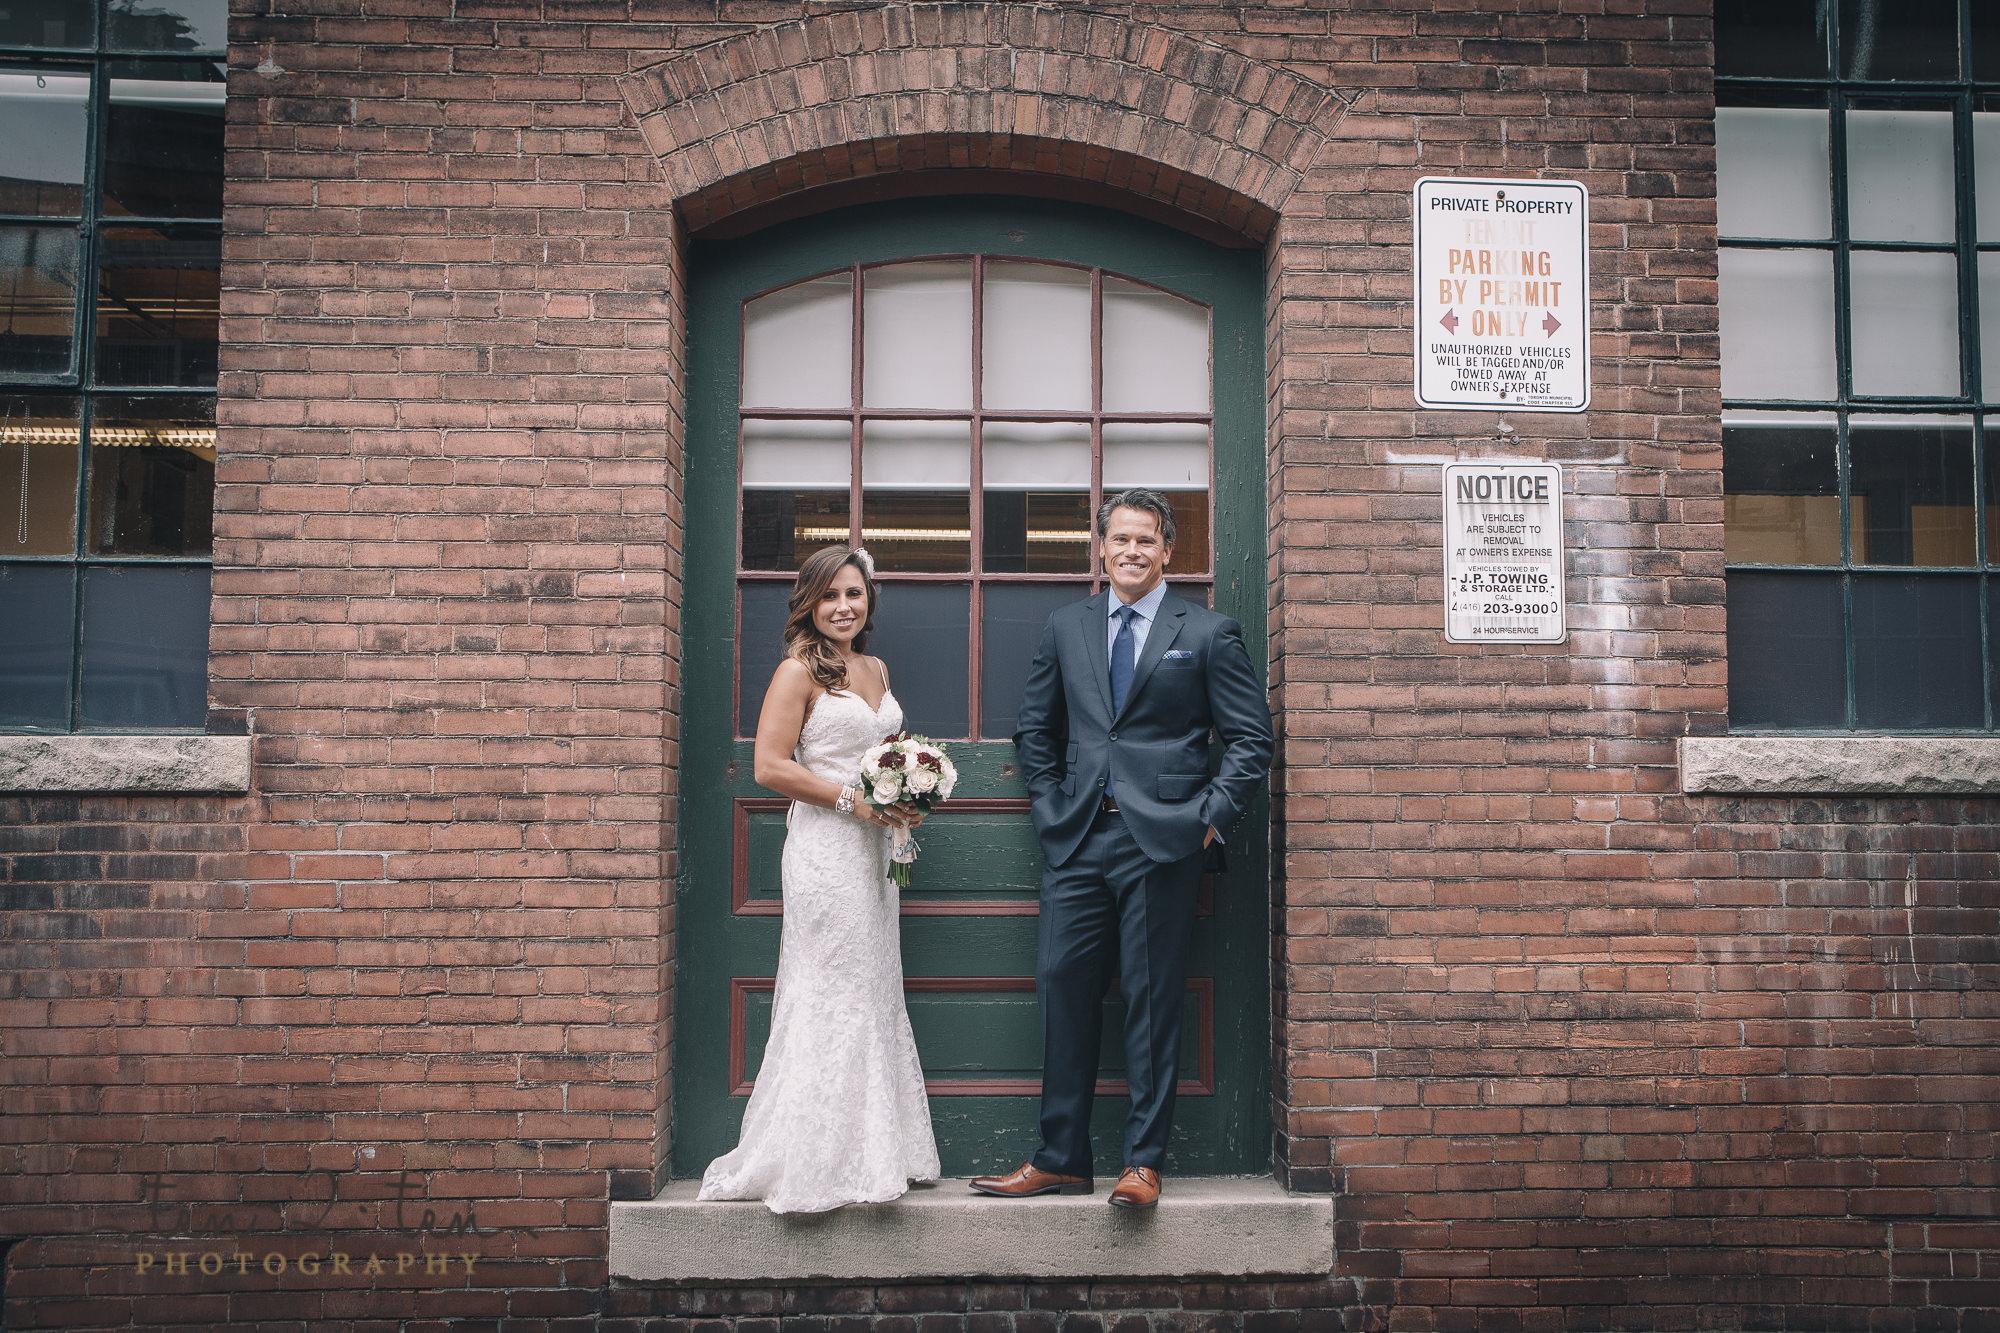 mildreds temple kitchen wedding photos 191 - Mildred's Temple Kitchen Wedding Photos